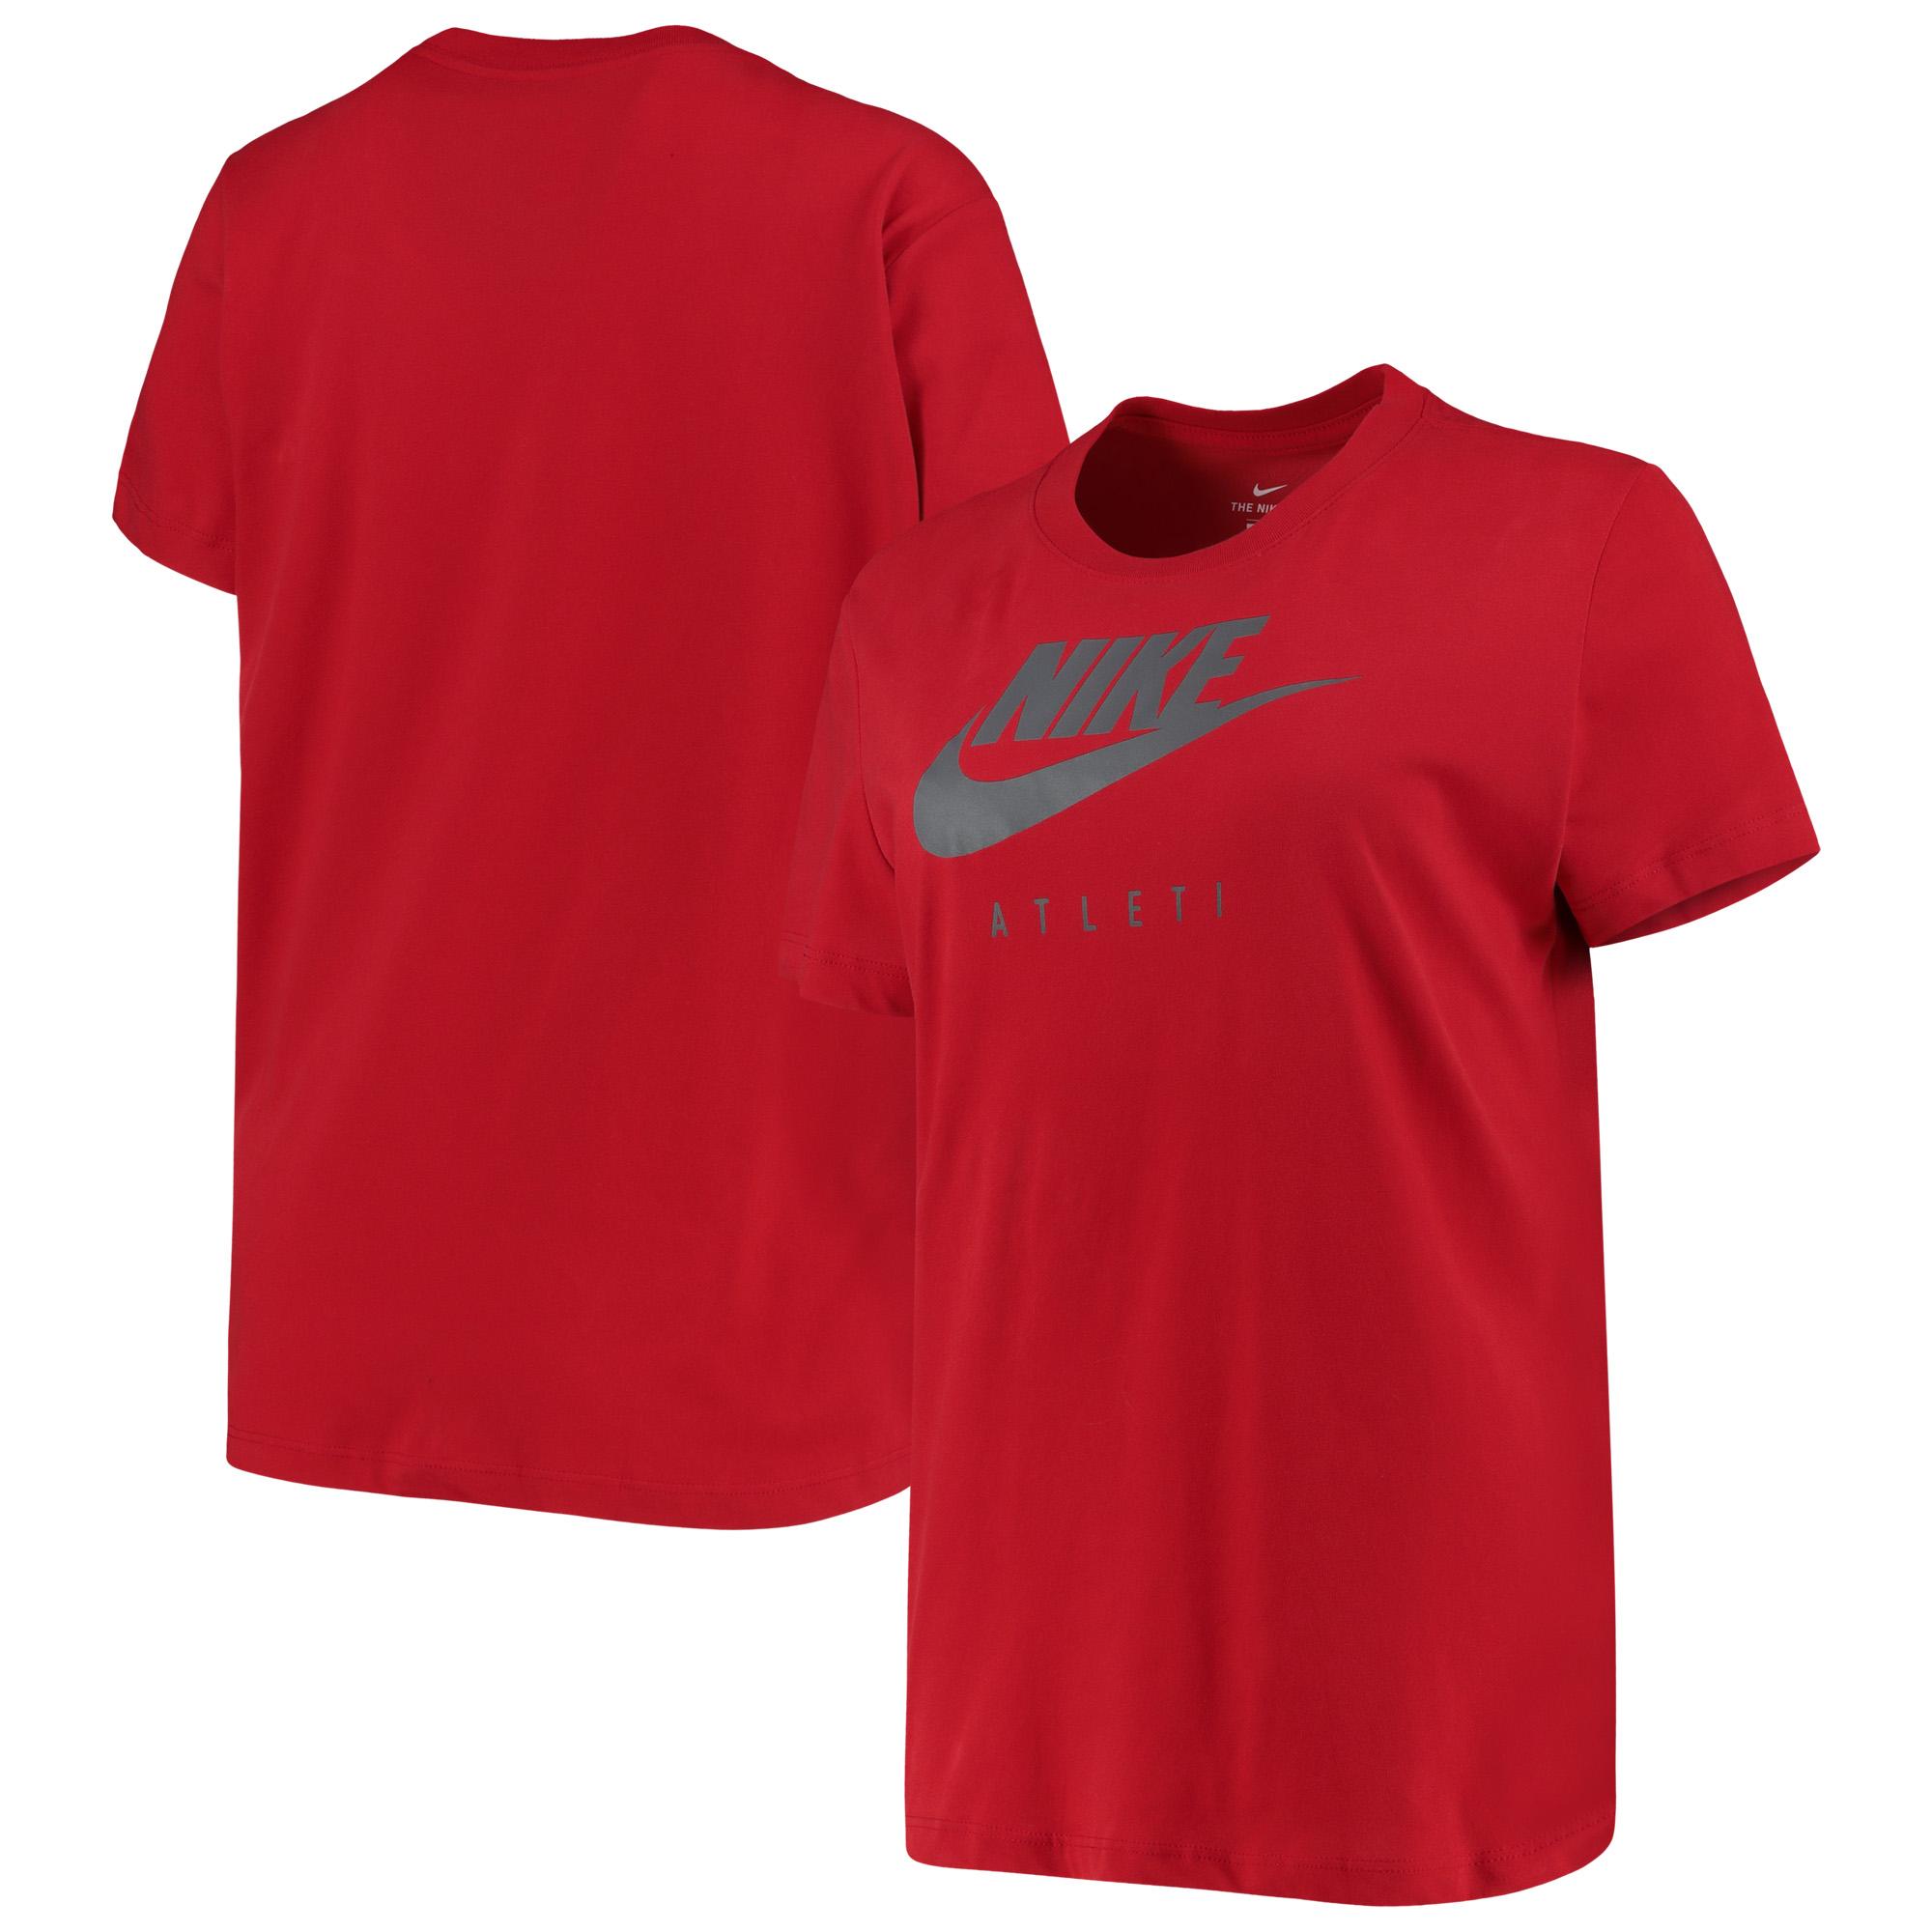 Nike / Camiseta Dry Training Ground del Atlético de Madrid para mujer